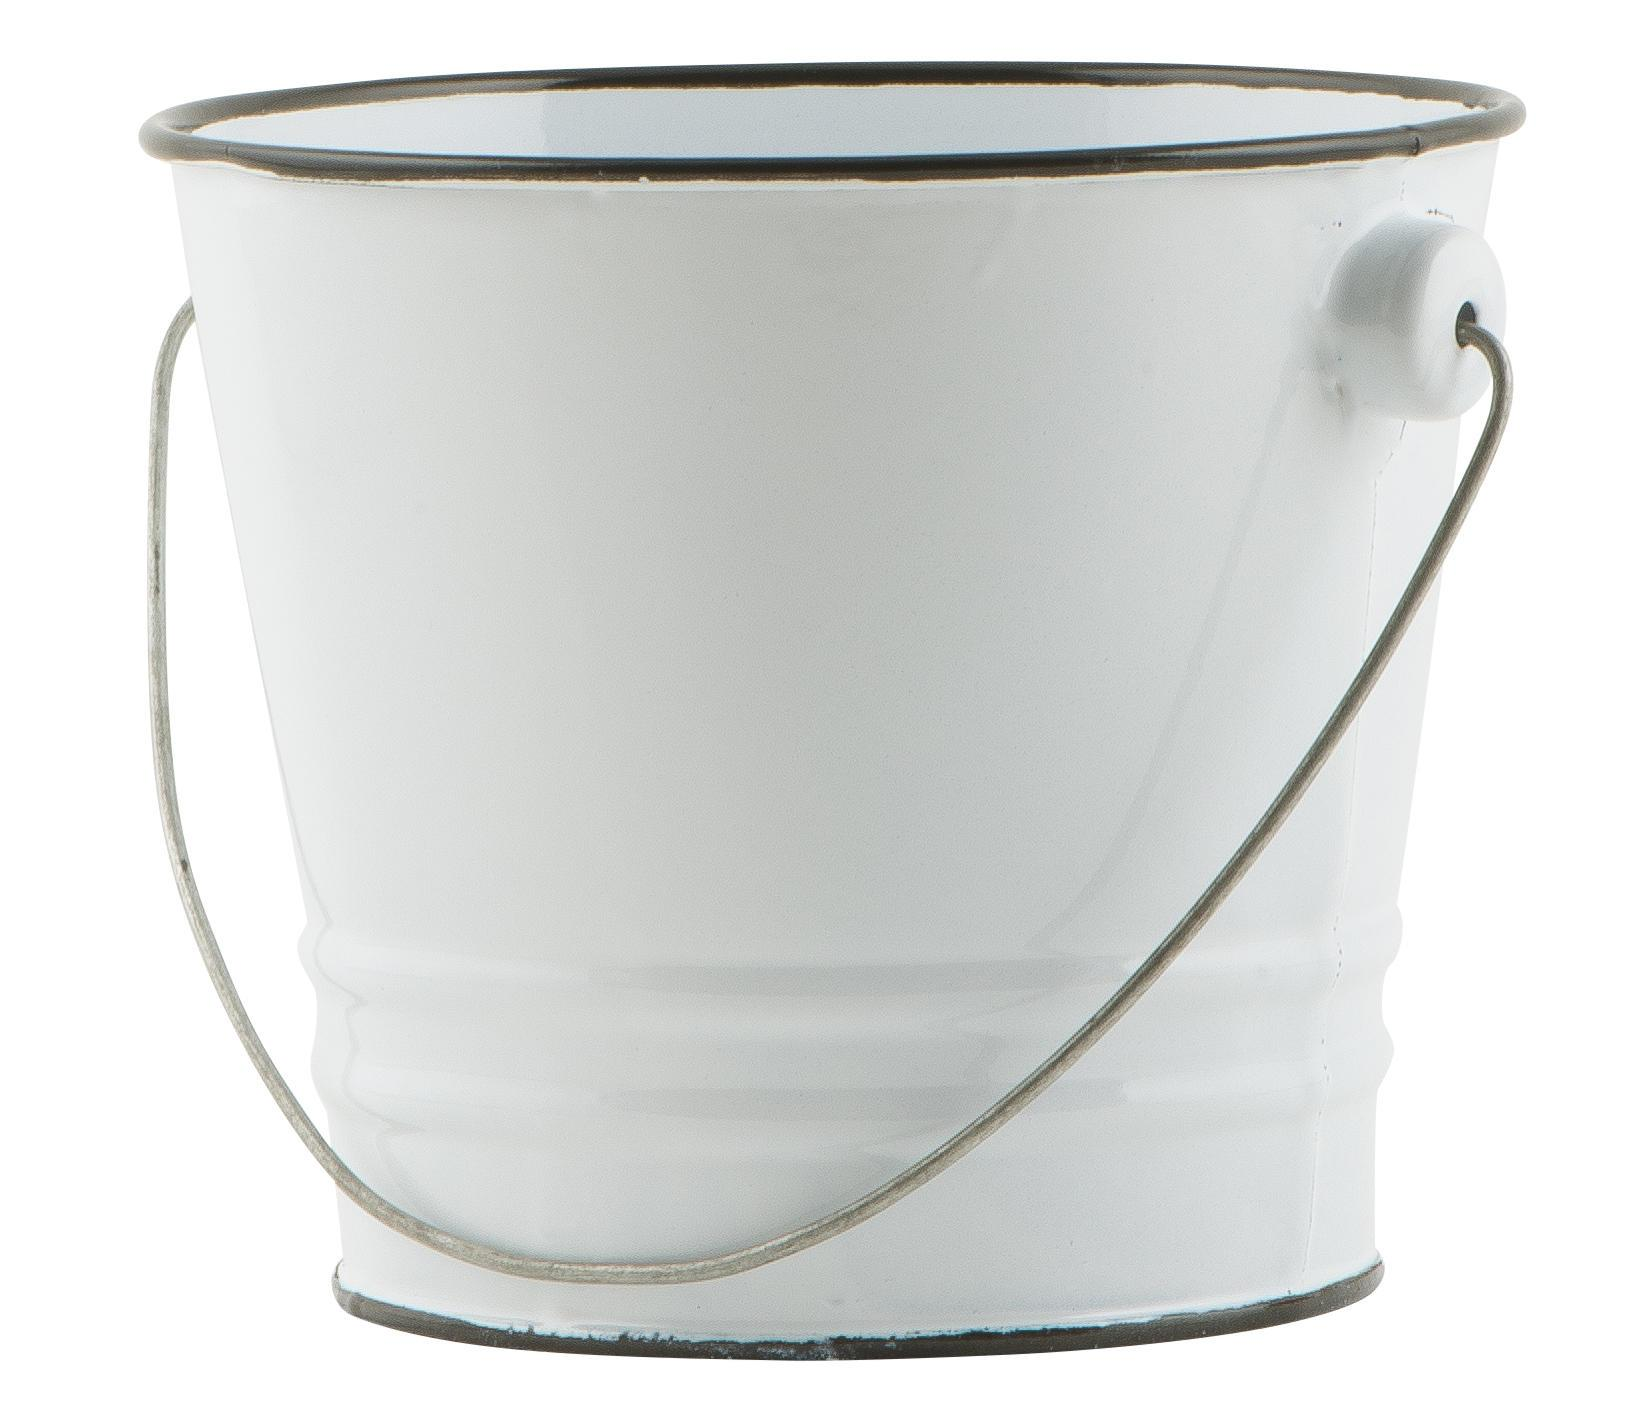 IB LAURSEN Malý smaltovaný kyblík White, bílá barva, smalt